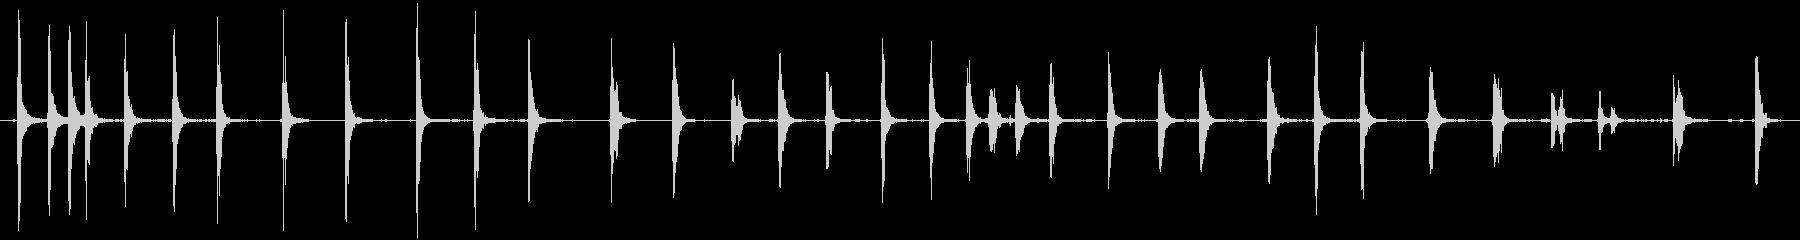 トイラチェット:ショートスピントイの未再生の波形